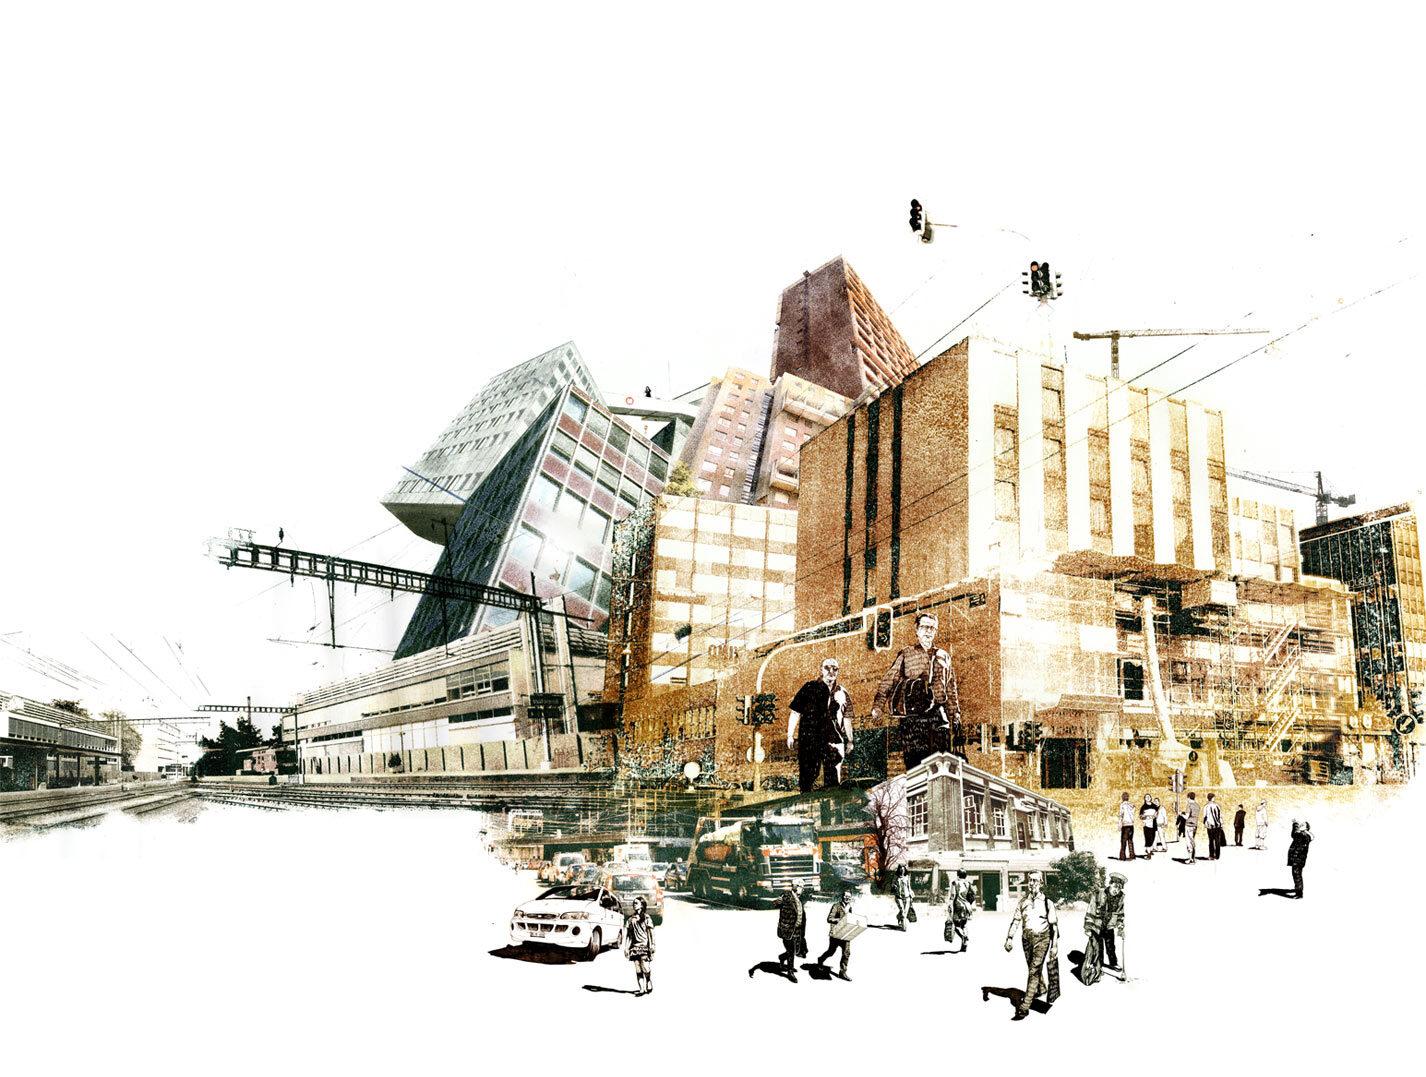 Mise en scene 3 - Kornel Illustration   Kornel Stadler portfolio